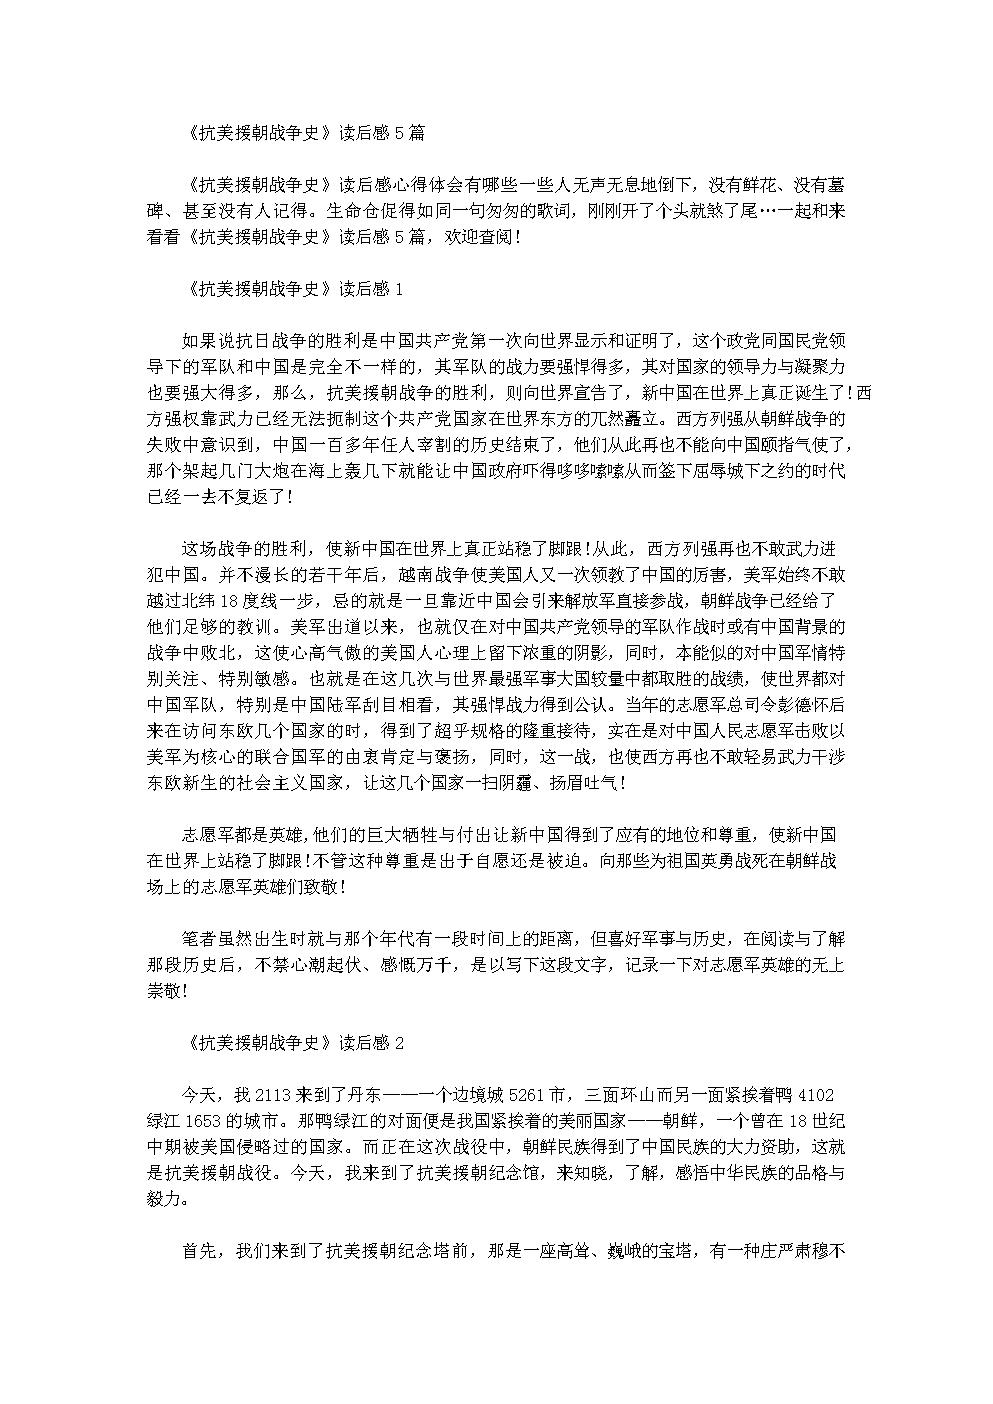 《抗美援朝战争史》读后感5篇汇总.doc